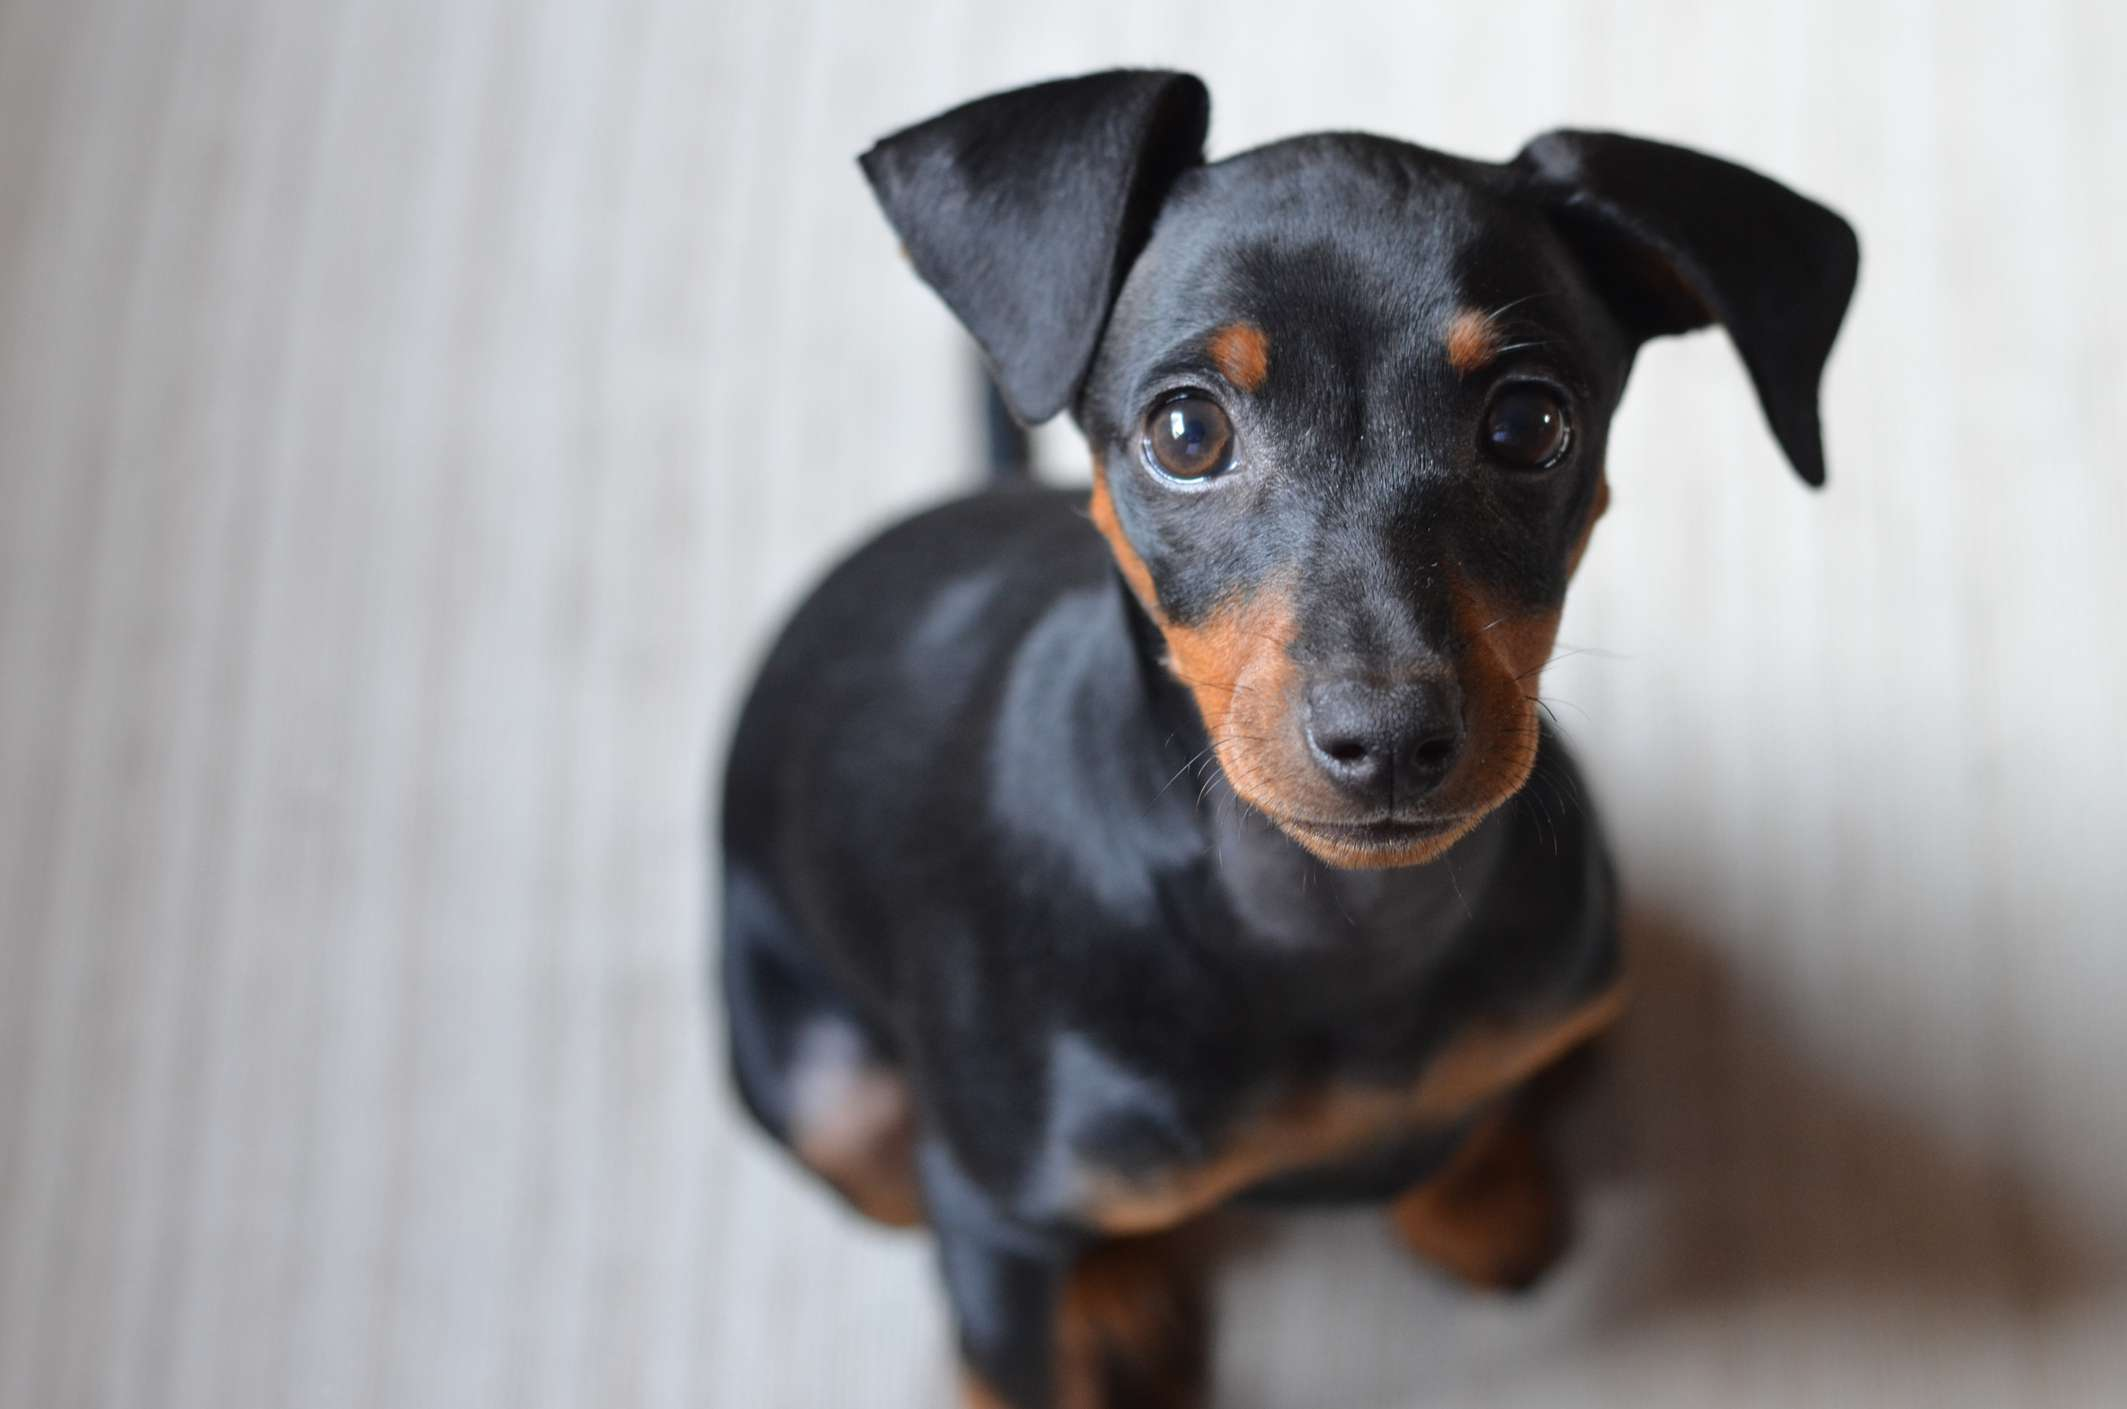 German pinscher puppy portrait